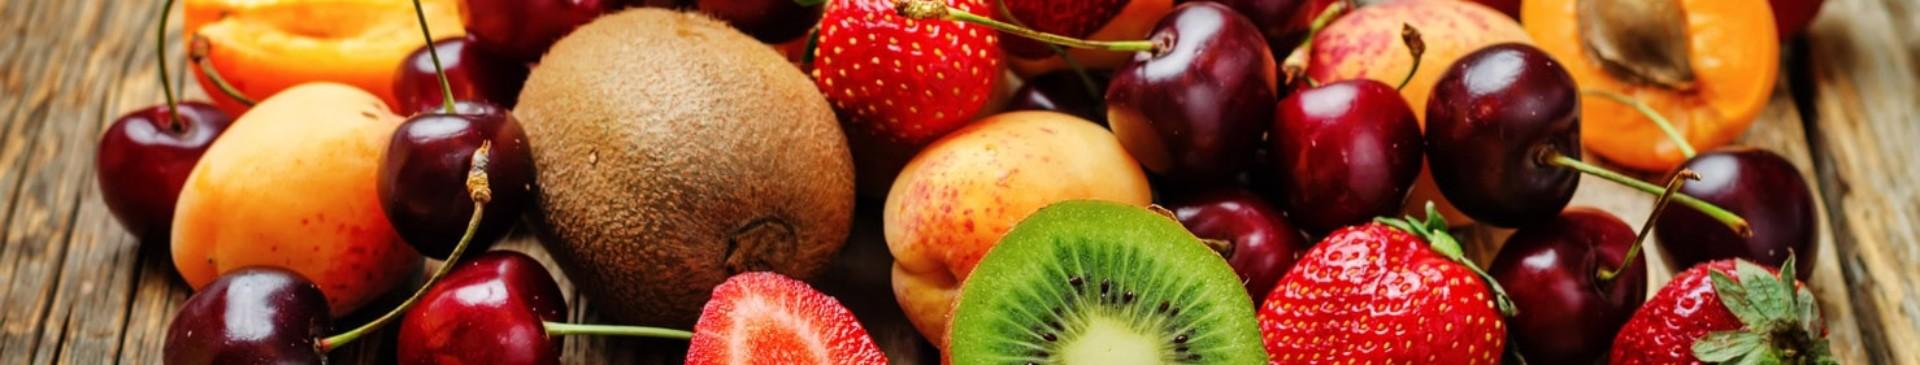 Taller teórico práctico sobre alimentación saludable en Poniente de Granada